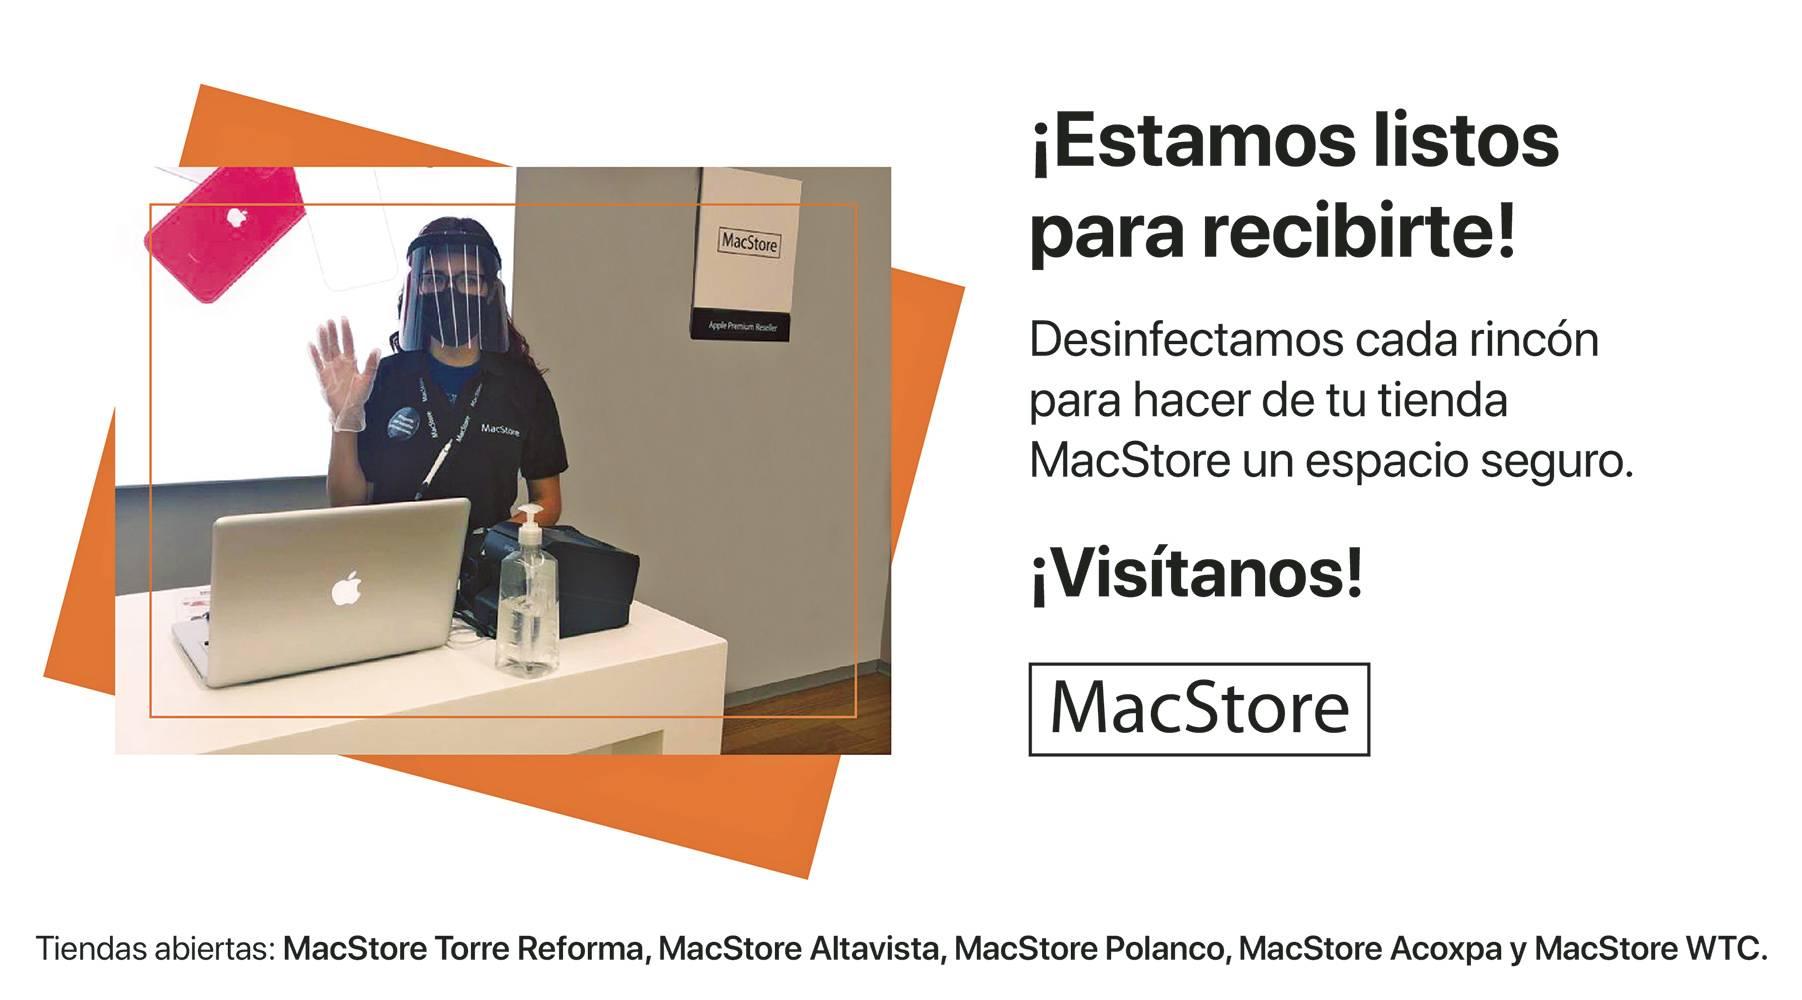 Anuncio MacStore edición CDMX del 3 de Julio del 2020, Página 13